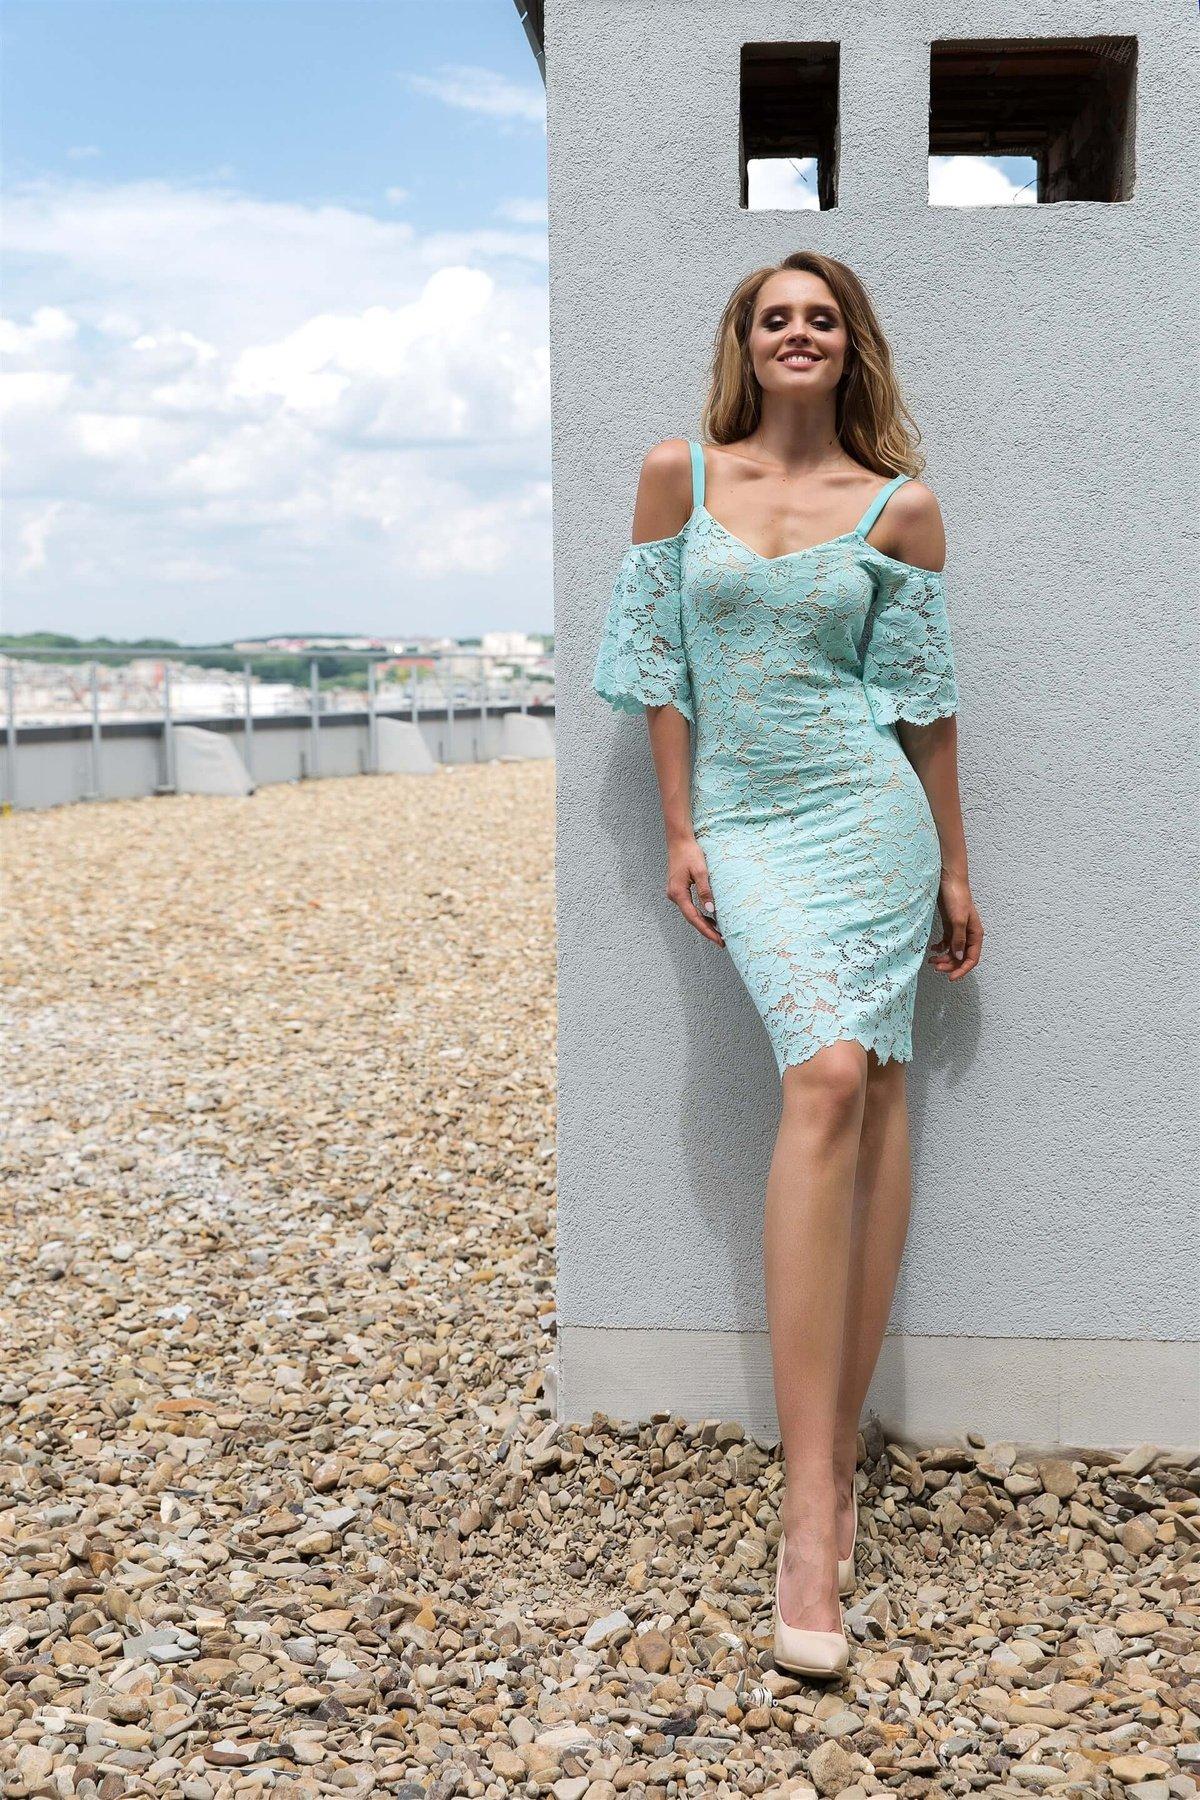 Коктейльна сукня Daniela - купити коктейльні сукні та вечірні сукні ... 7bf7598eec4ea